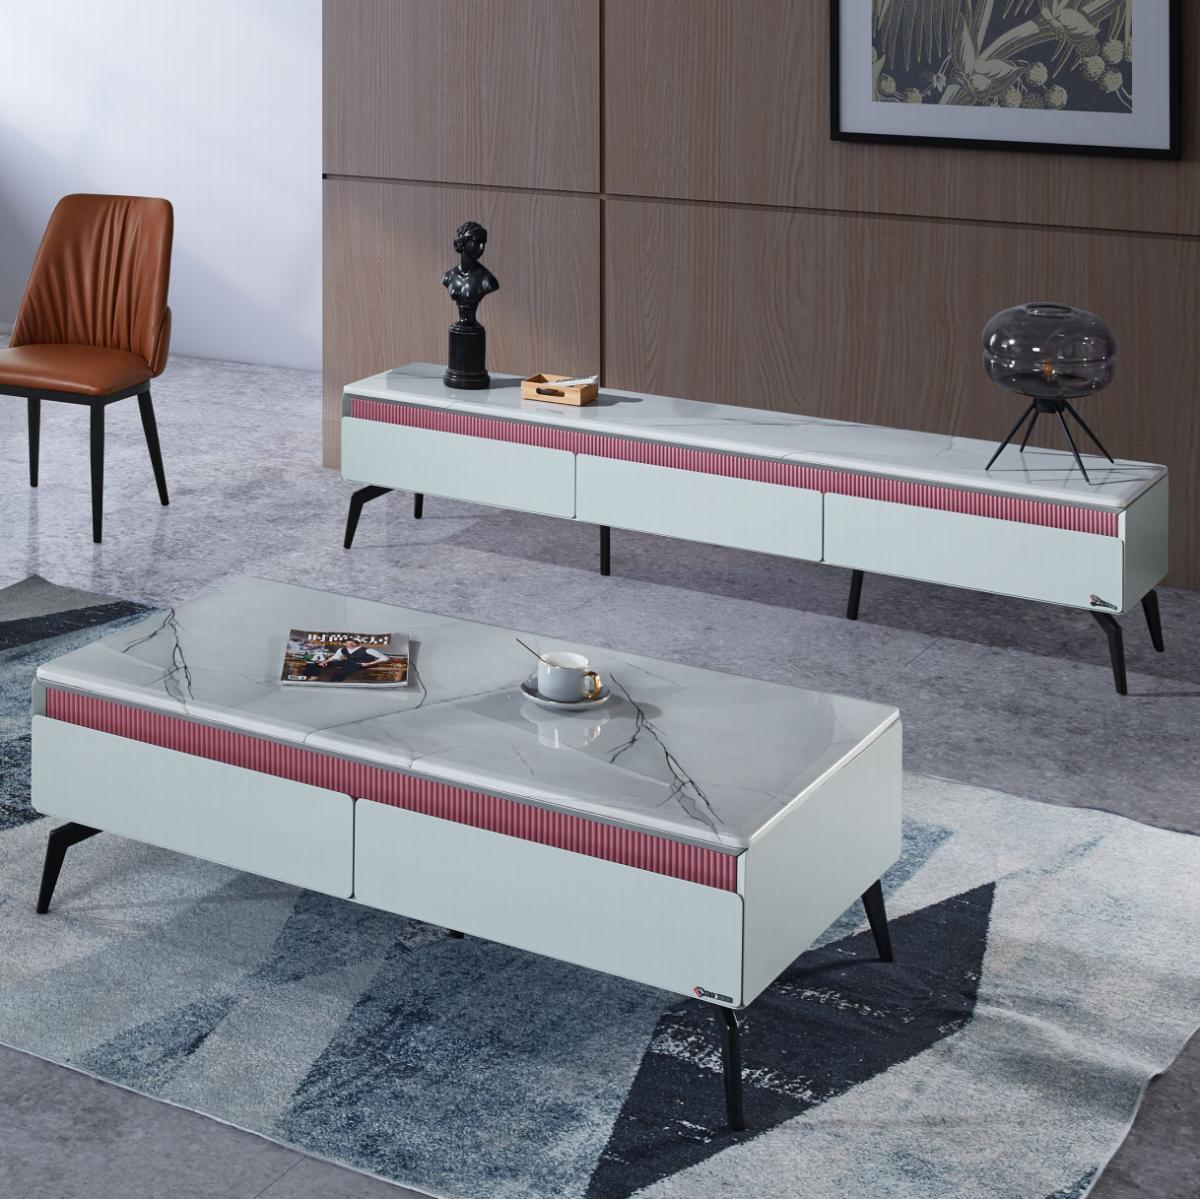 意式岩板茶几电视柜组合轻奢小户型现代简约地墙柜客厅家具电视柜